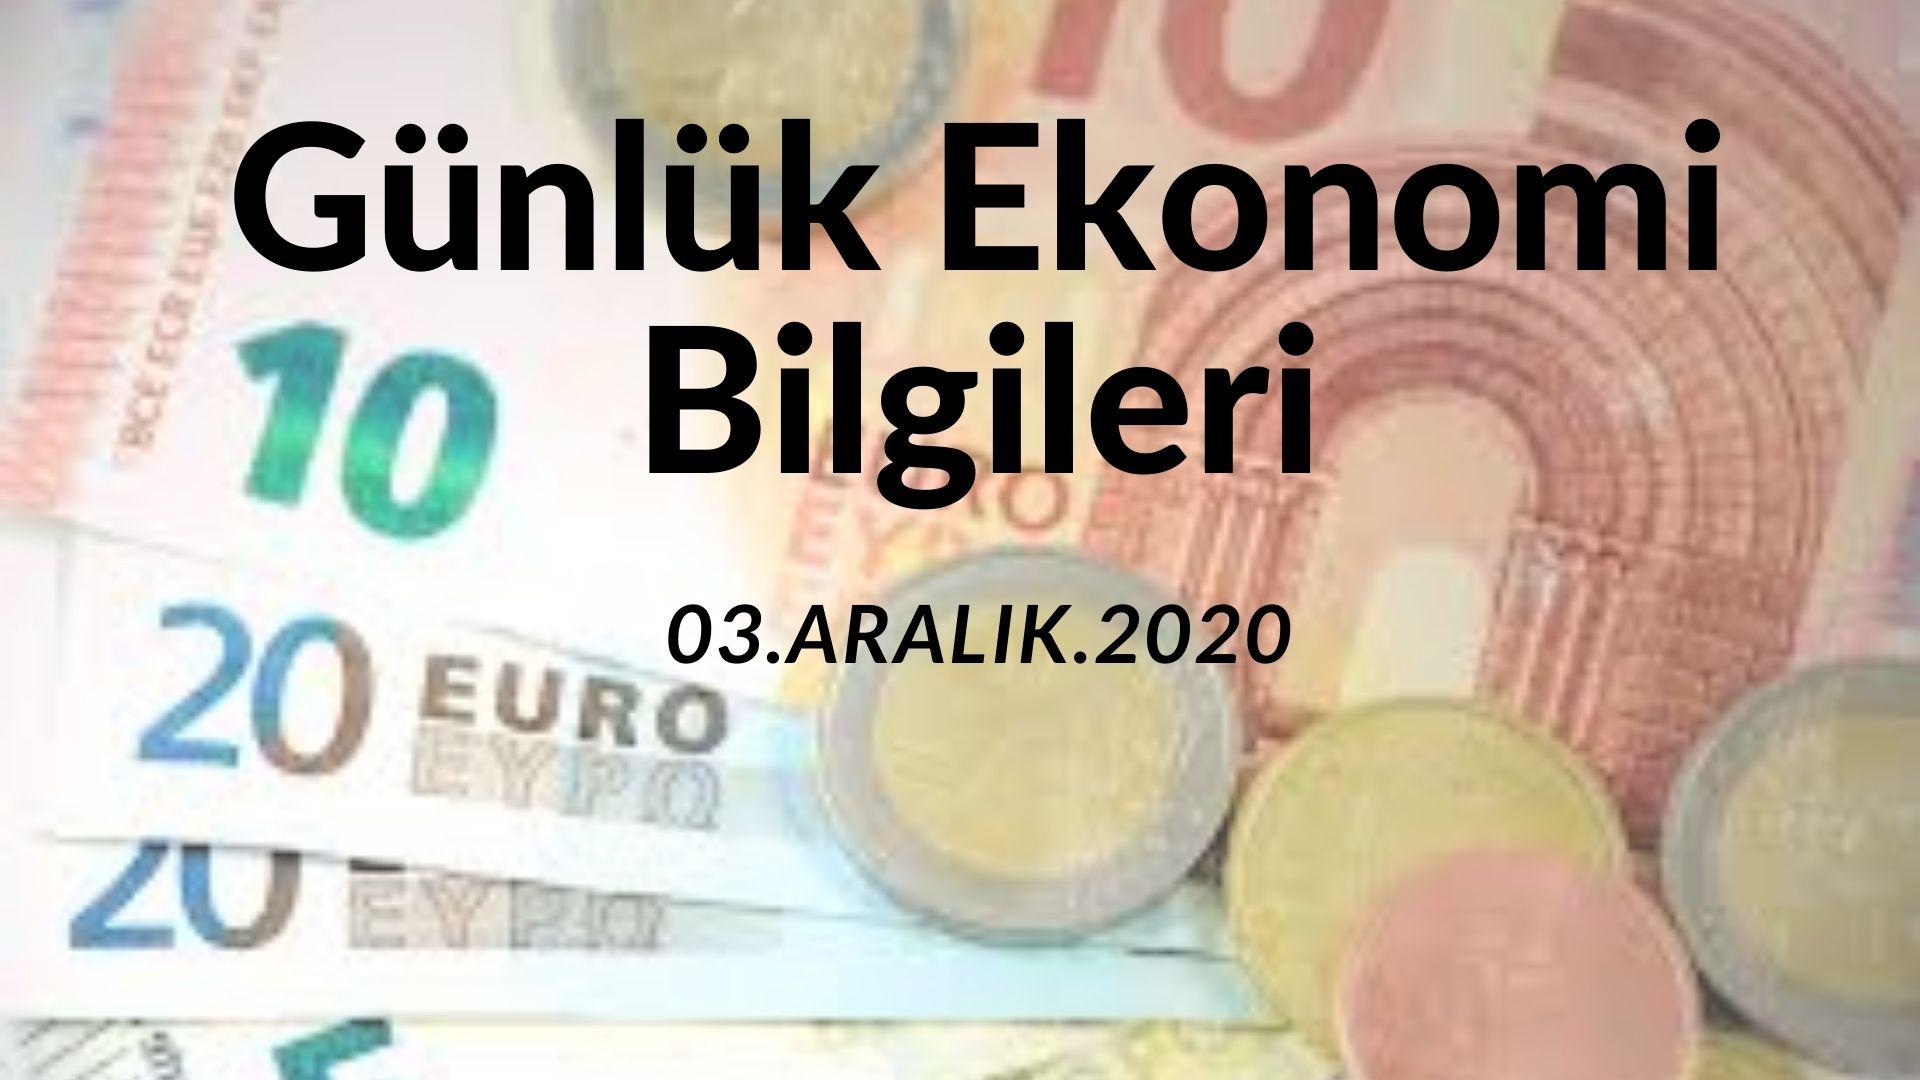 Günlük Ekonomi Bilgileri 3 Aralık 2020